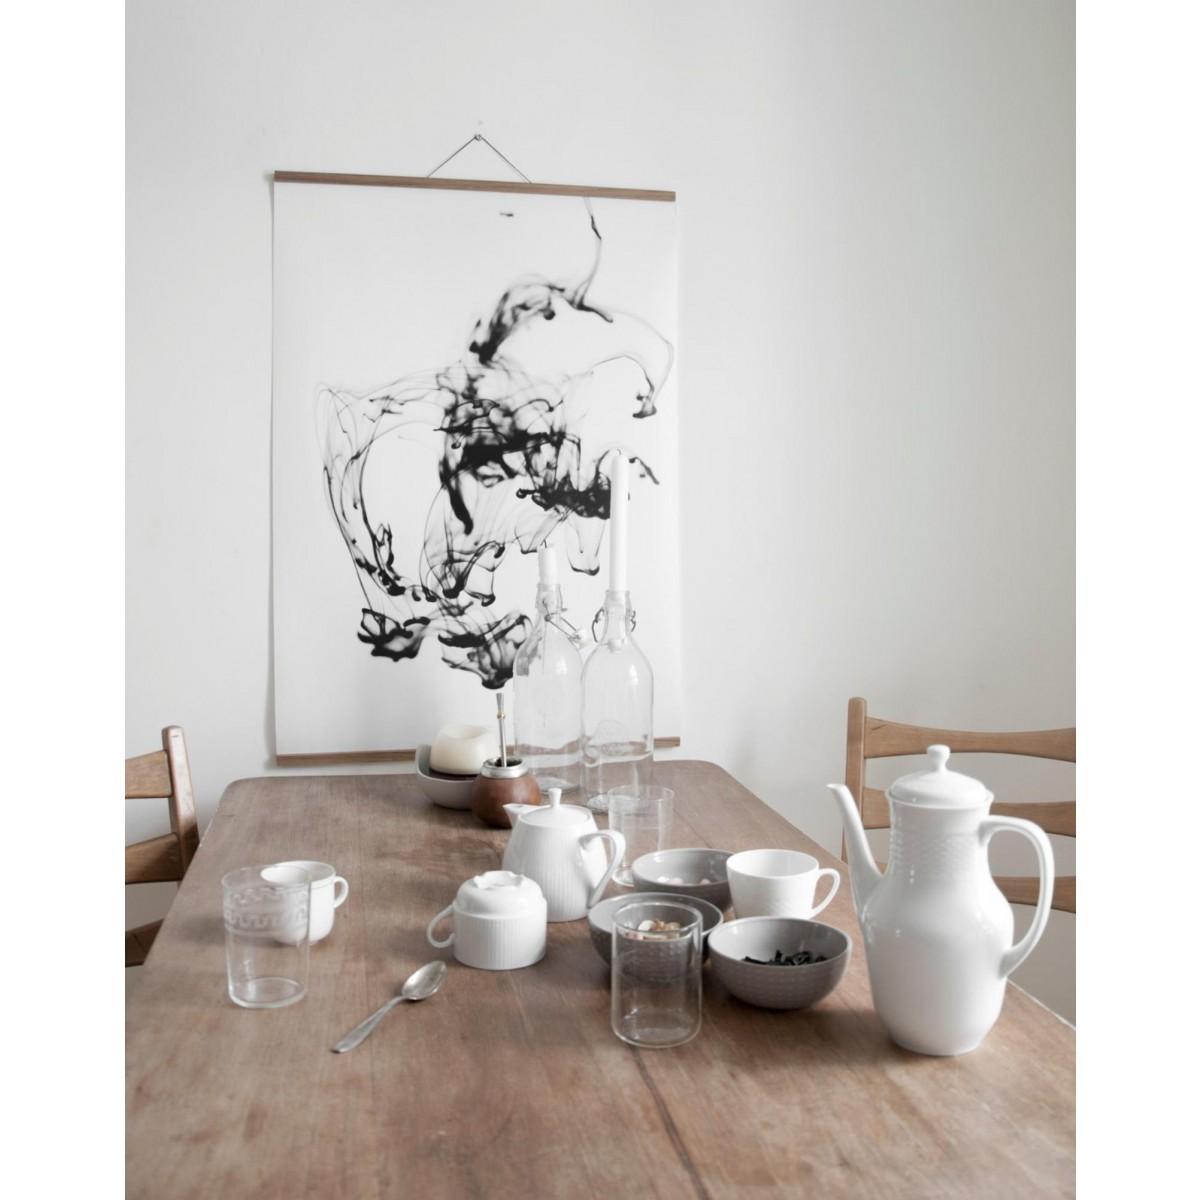 nahili SUDDEN movement - blue Artprint A3,50x70, A1 Poster